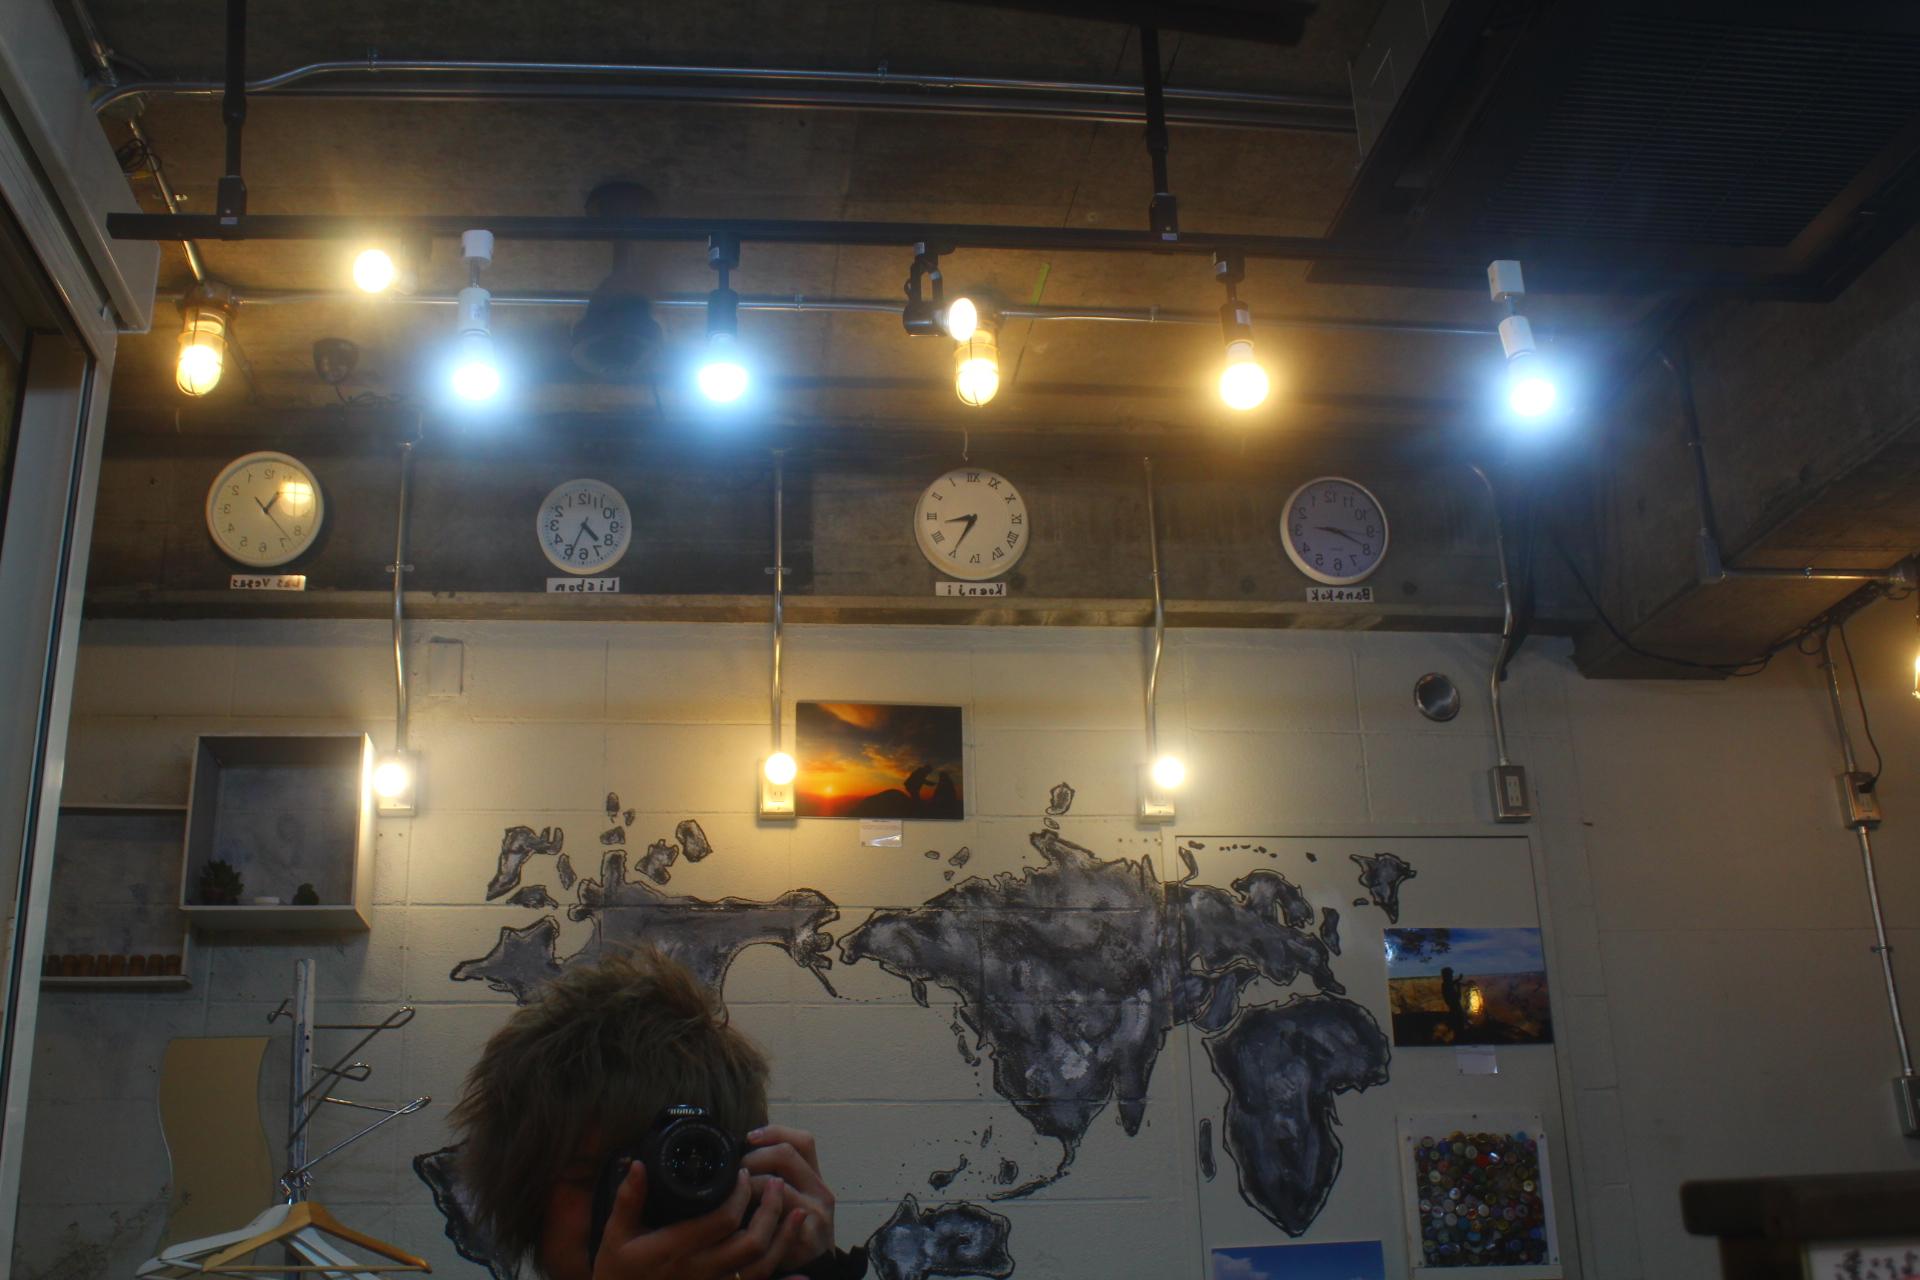 鏡越しには世界地図とバンコク、リスボン、ラスベガスの時間が。